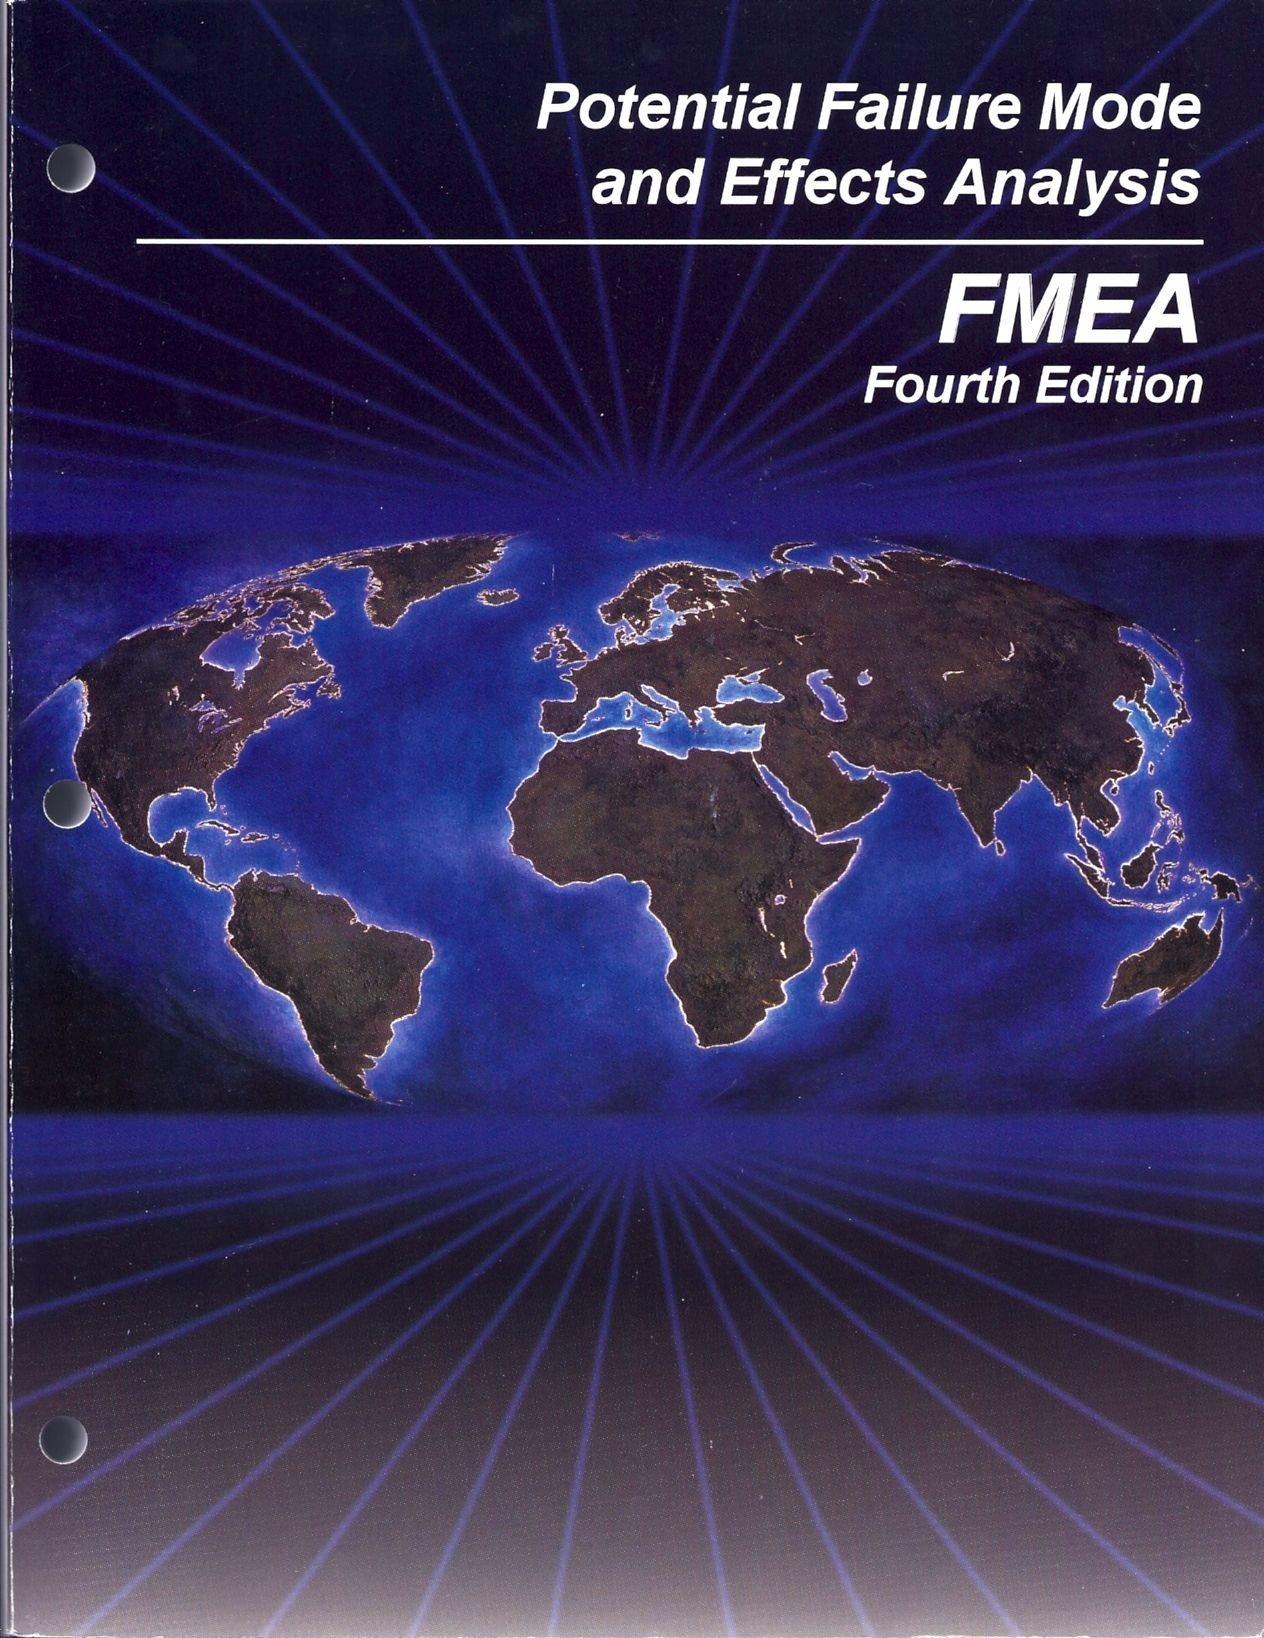 Aiag fmea manual 5th edition pdf